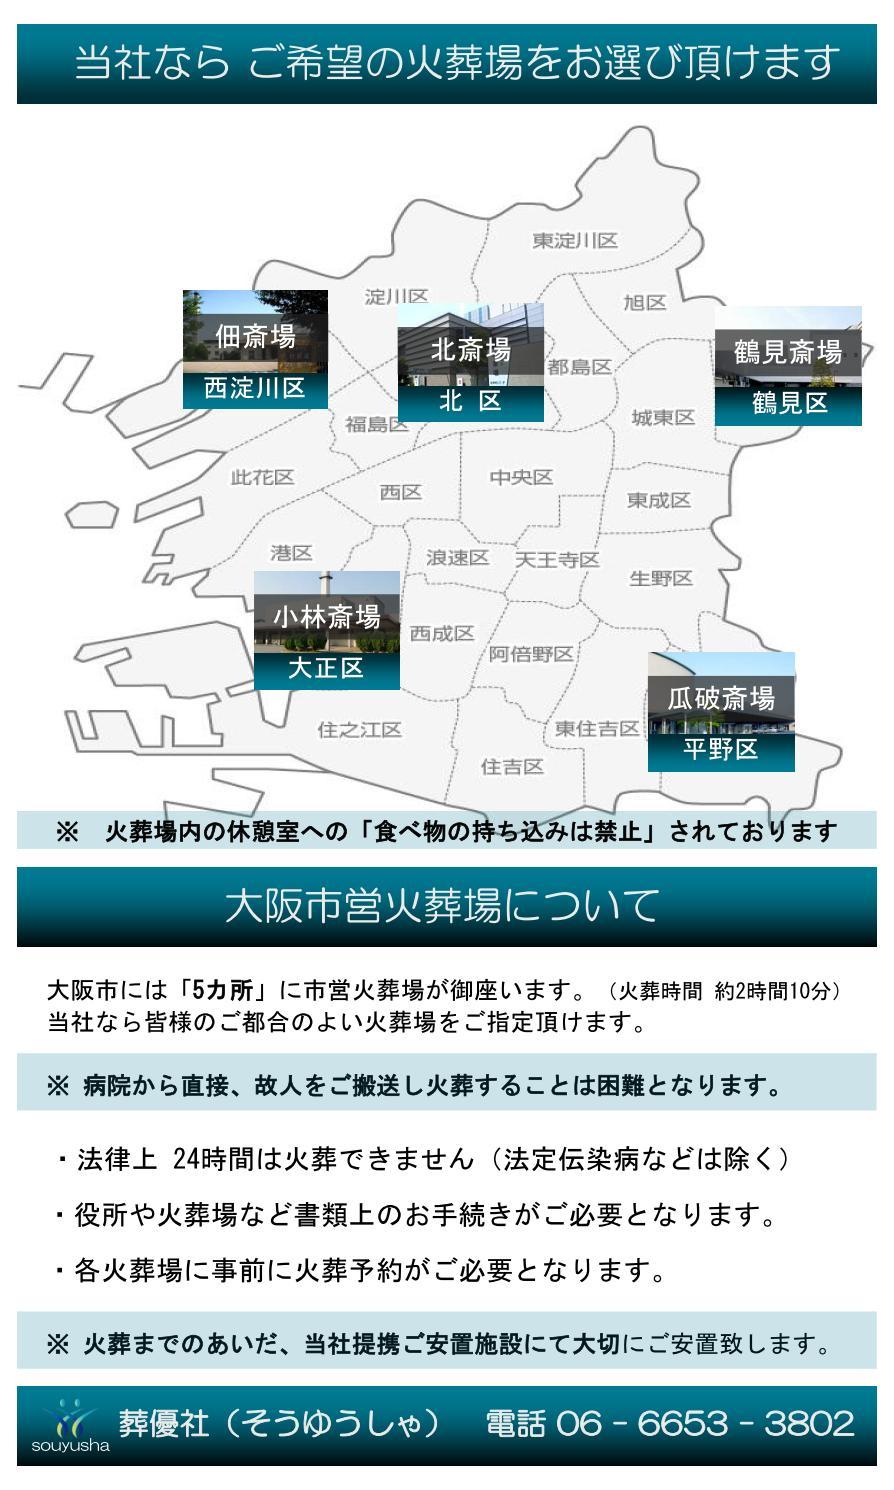 大阪市火葬場(公営斎場)